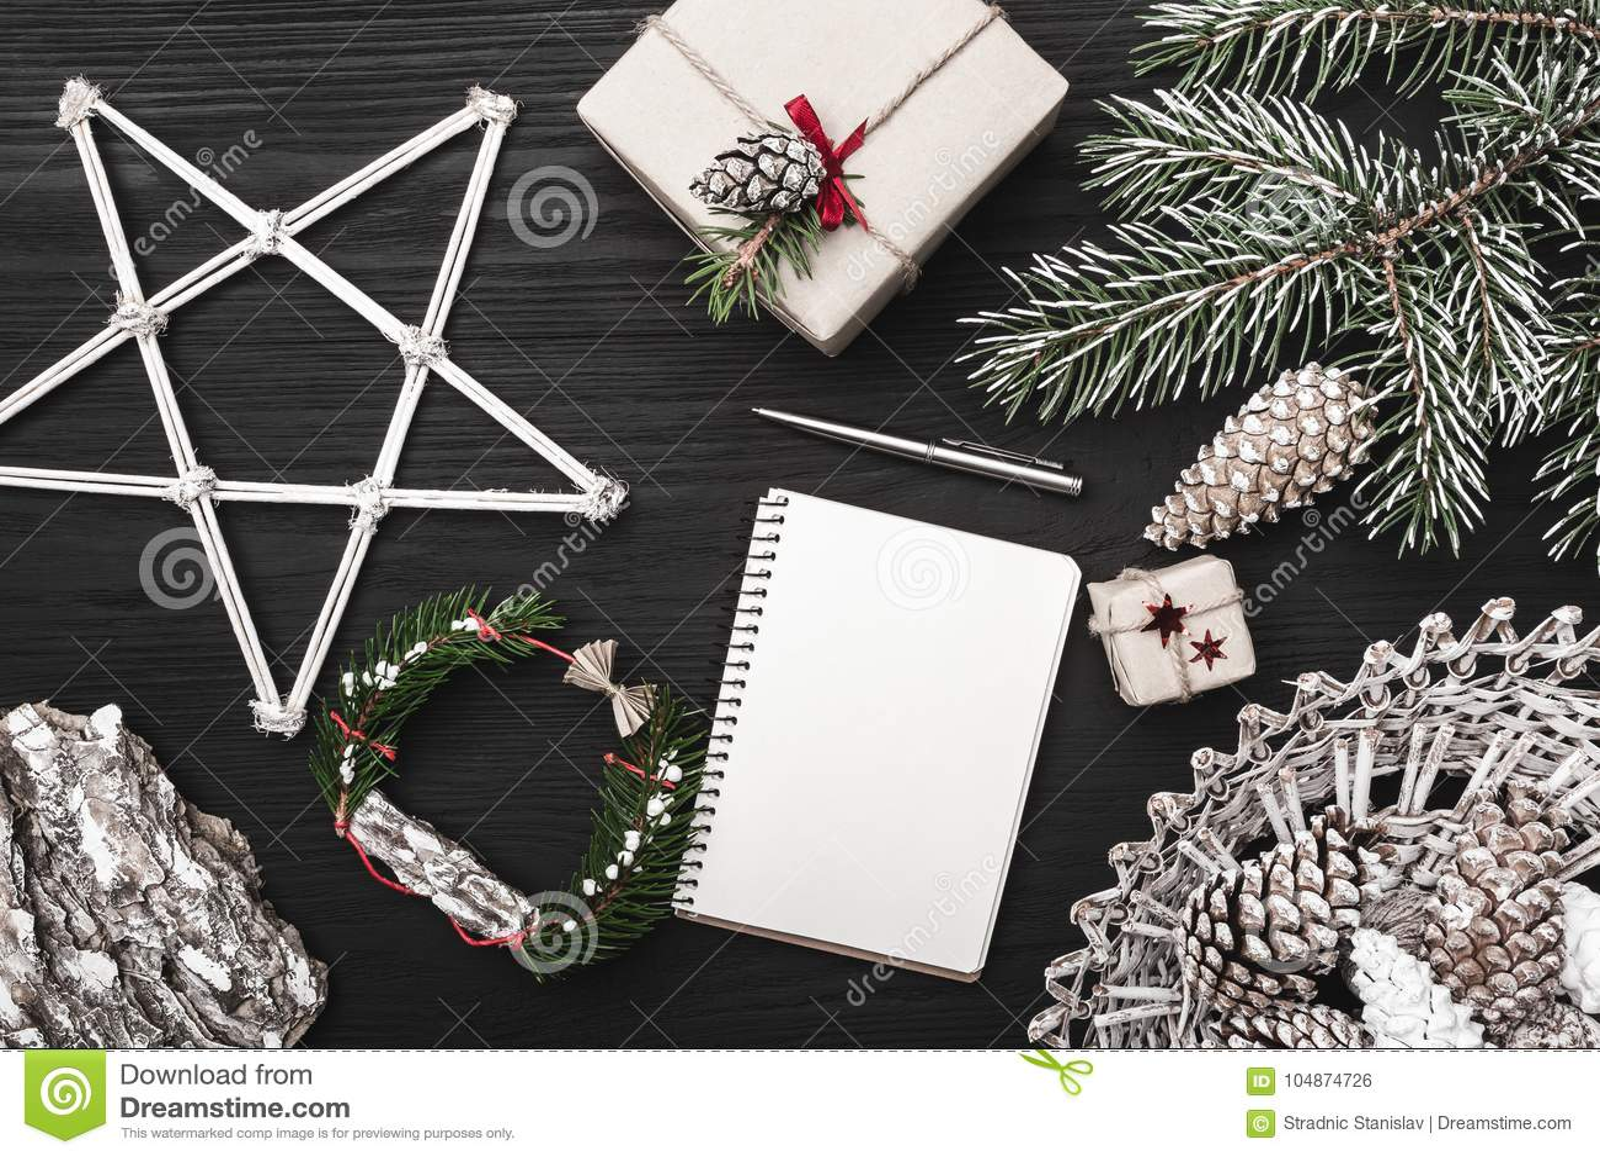 Поздравления на зимних отдыхах, ель с конусом, художнически украшенными декоративными объектами